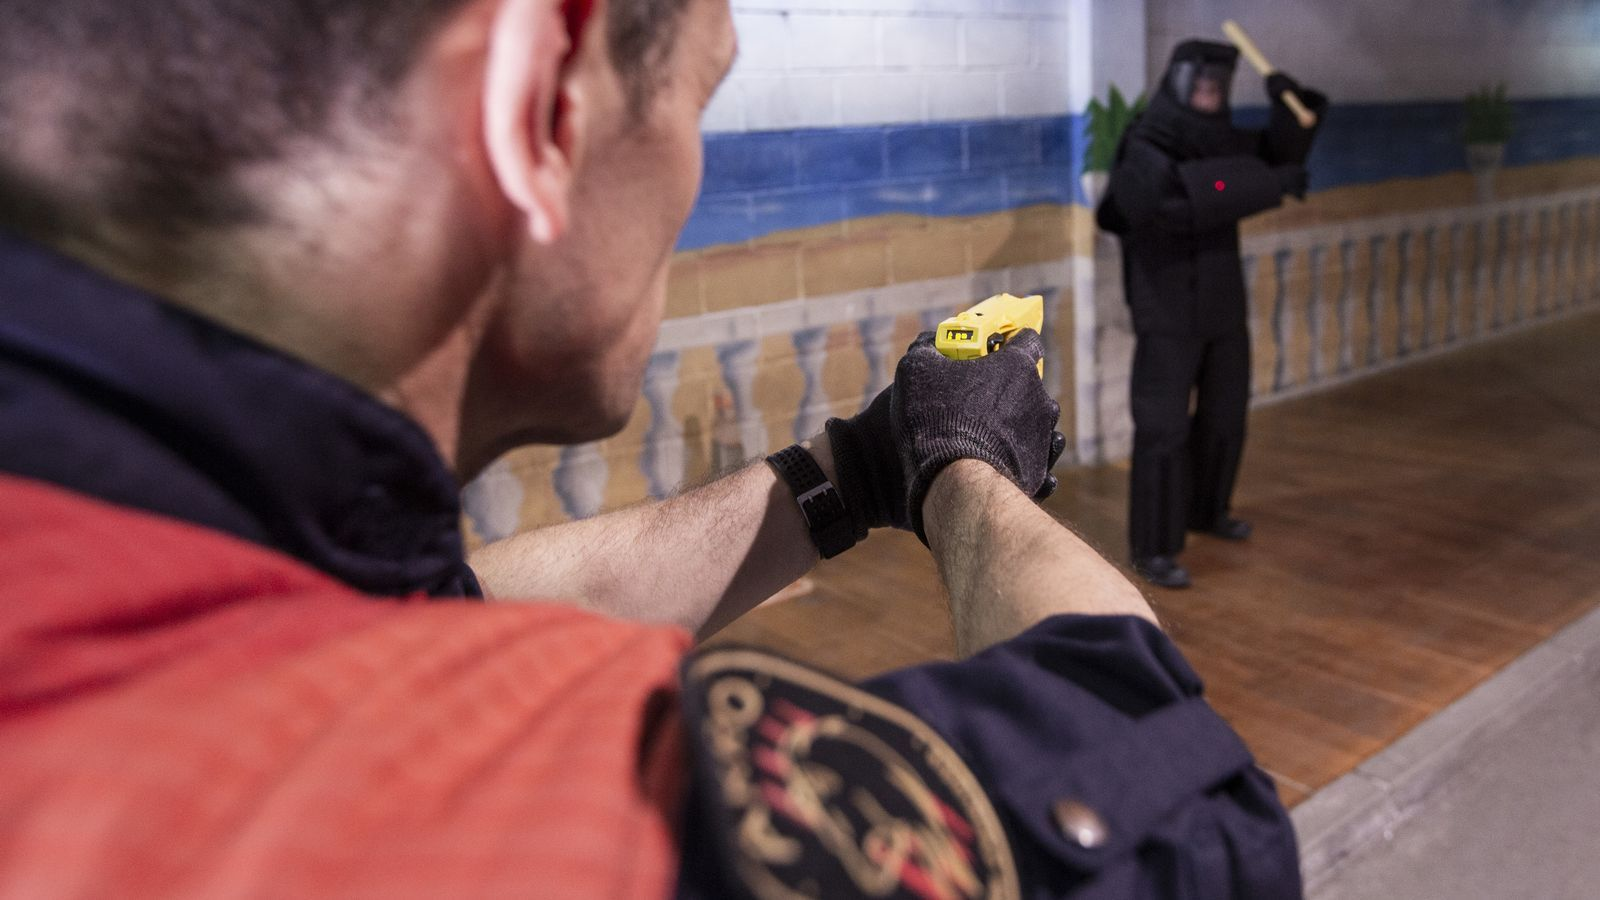 L'home reduït amb una Taser a Salt haurà de pagar 800 euros de multa per resistència i lesions als Mossos